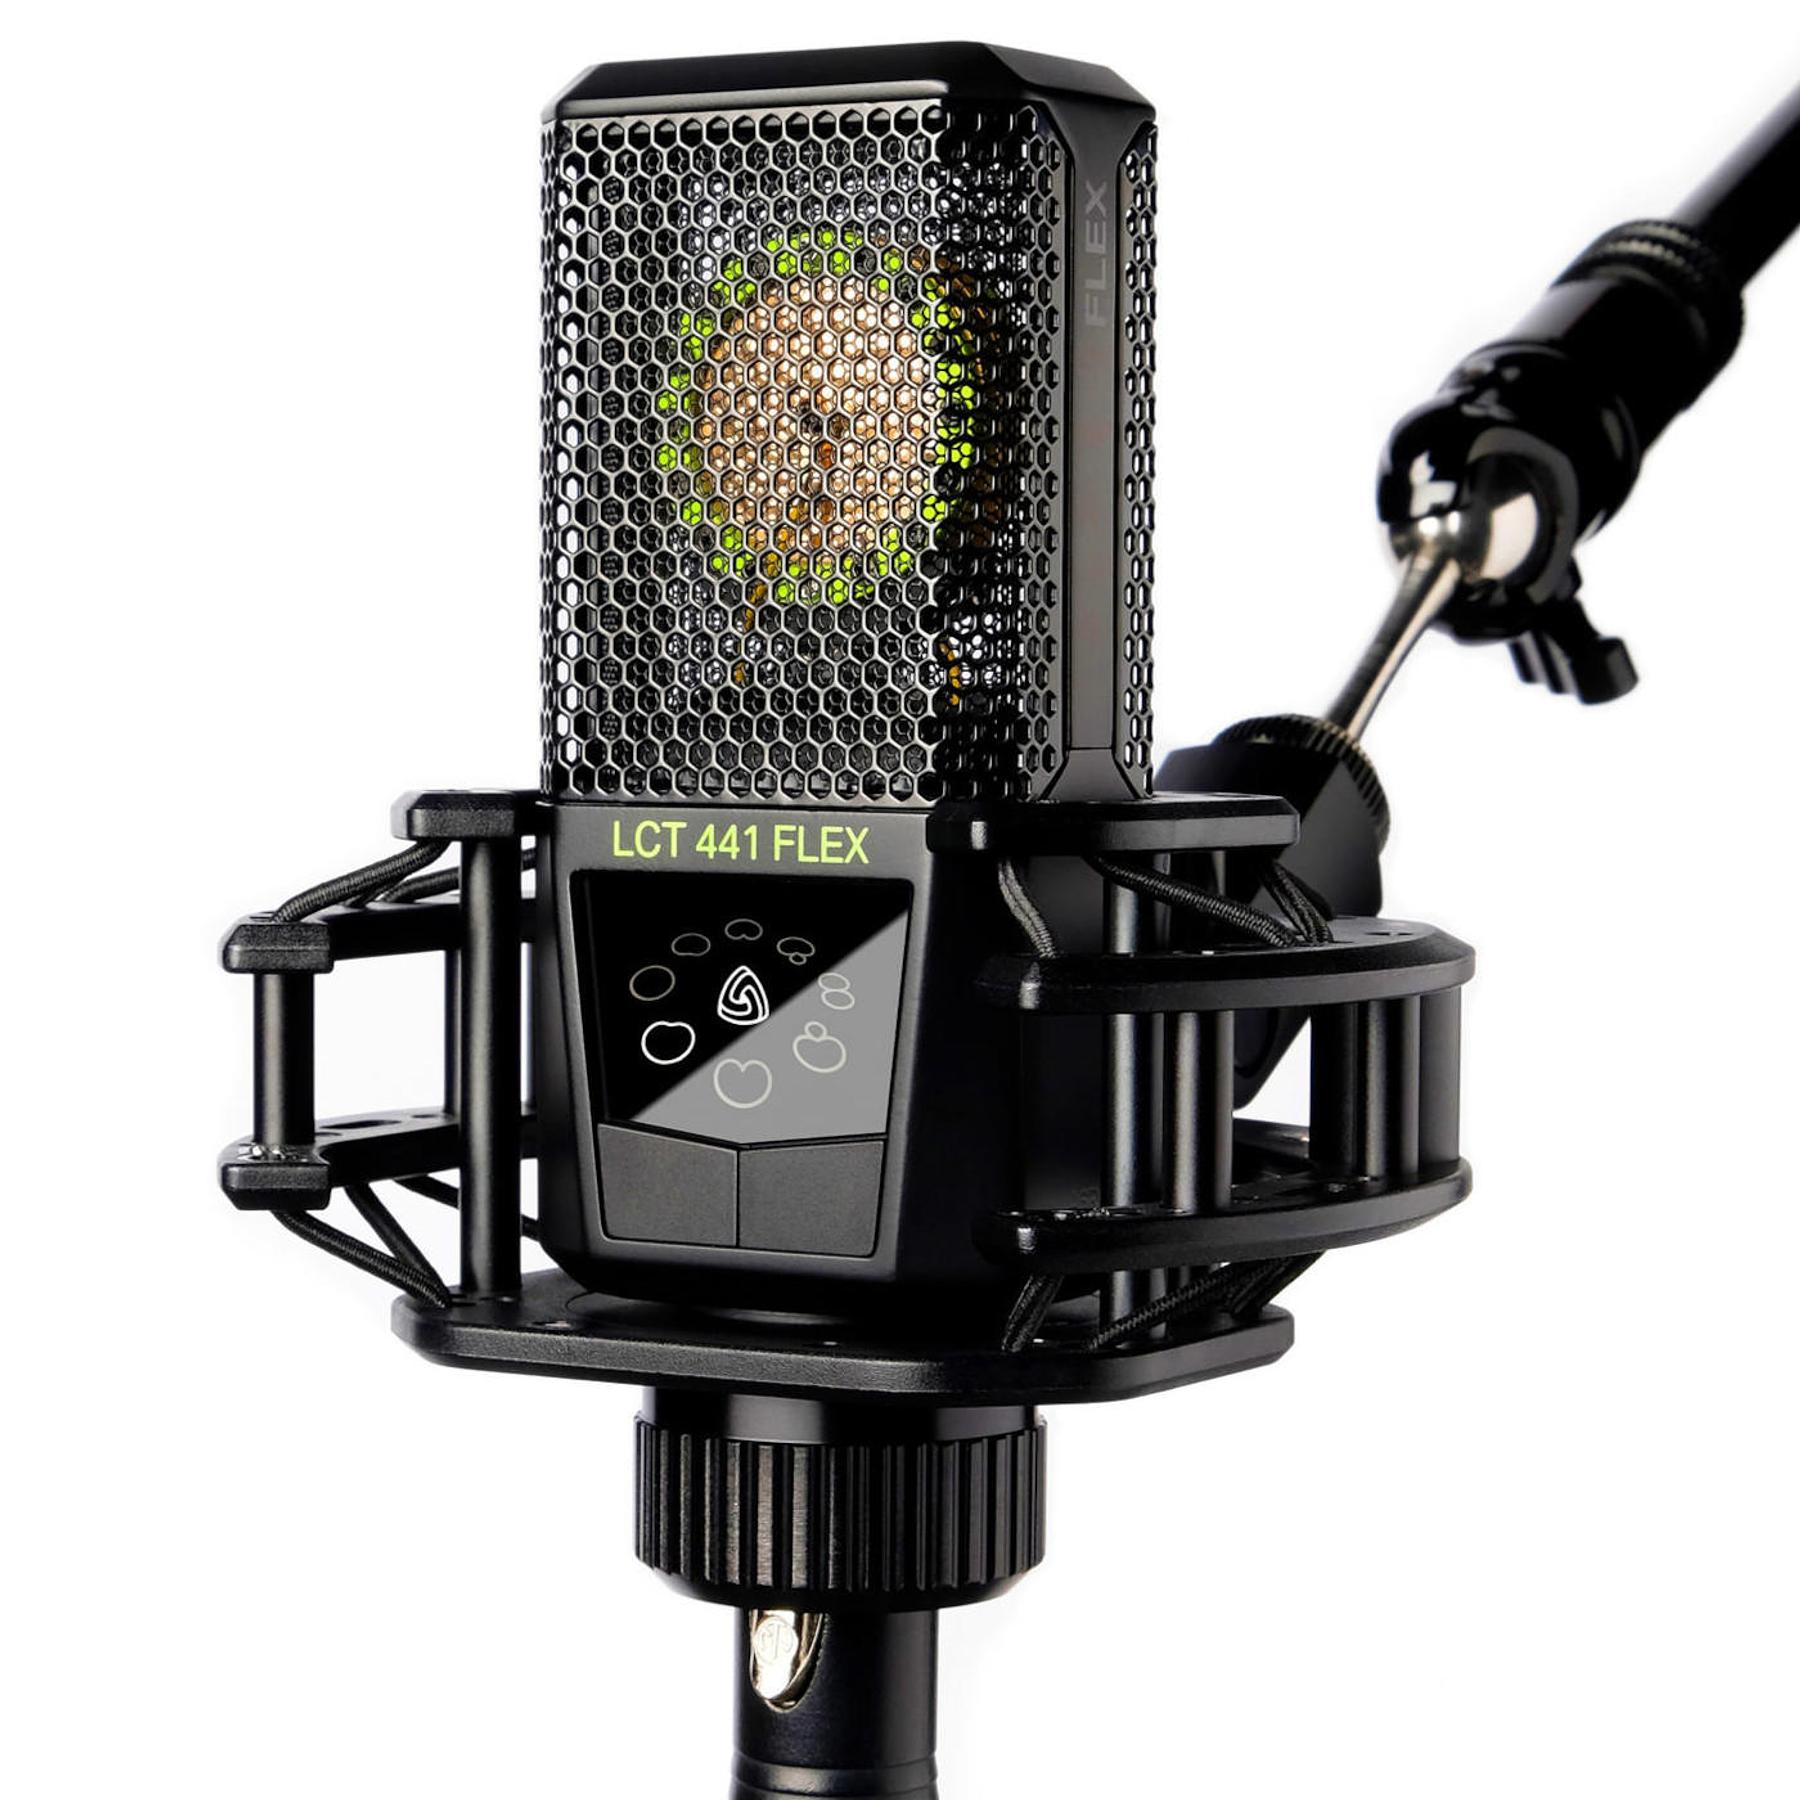 Microfono Condensador Lewitt LCT 441 FLEX